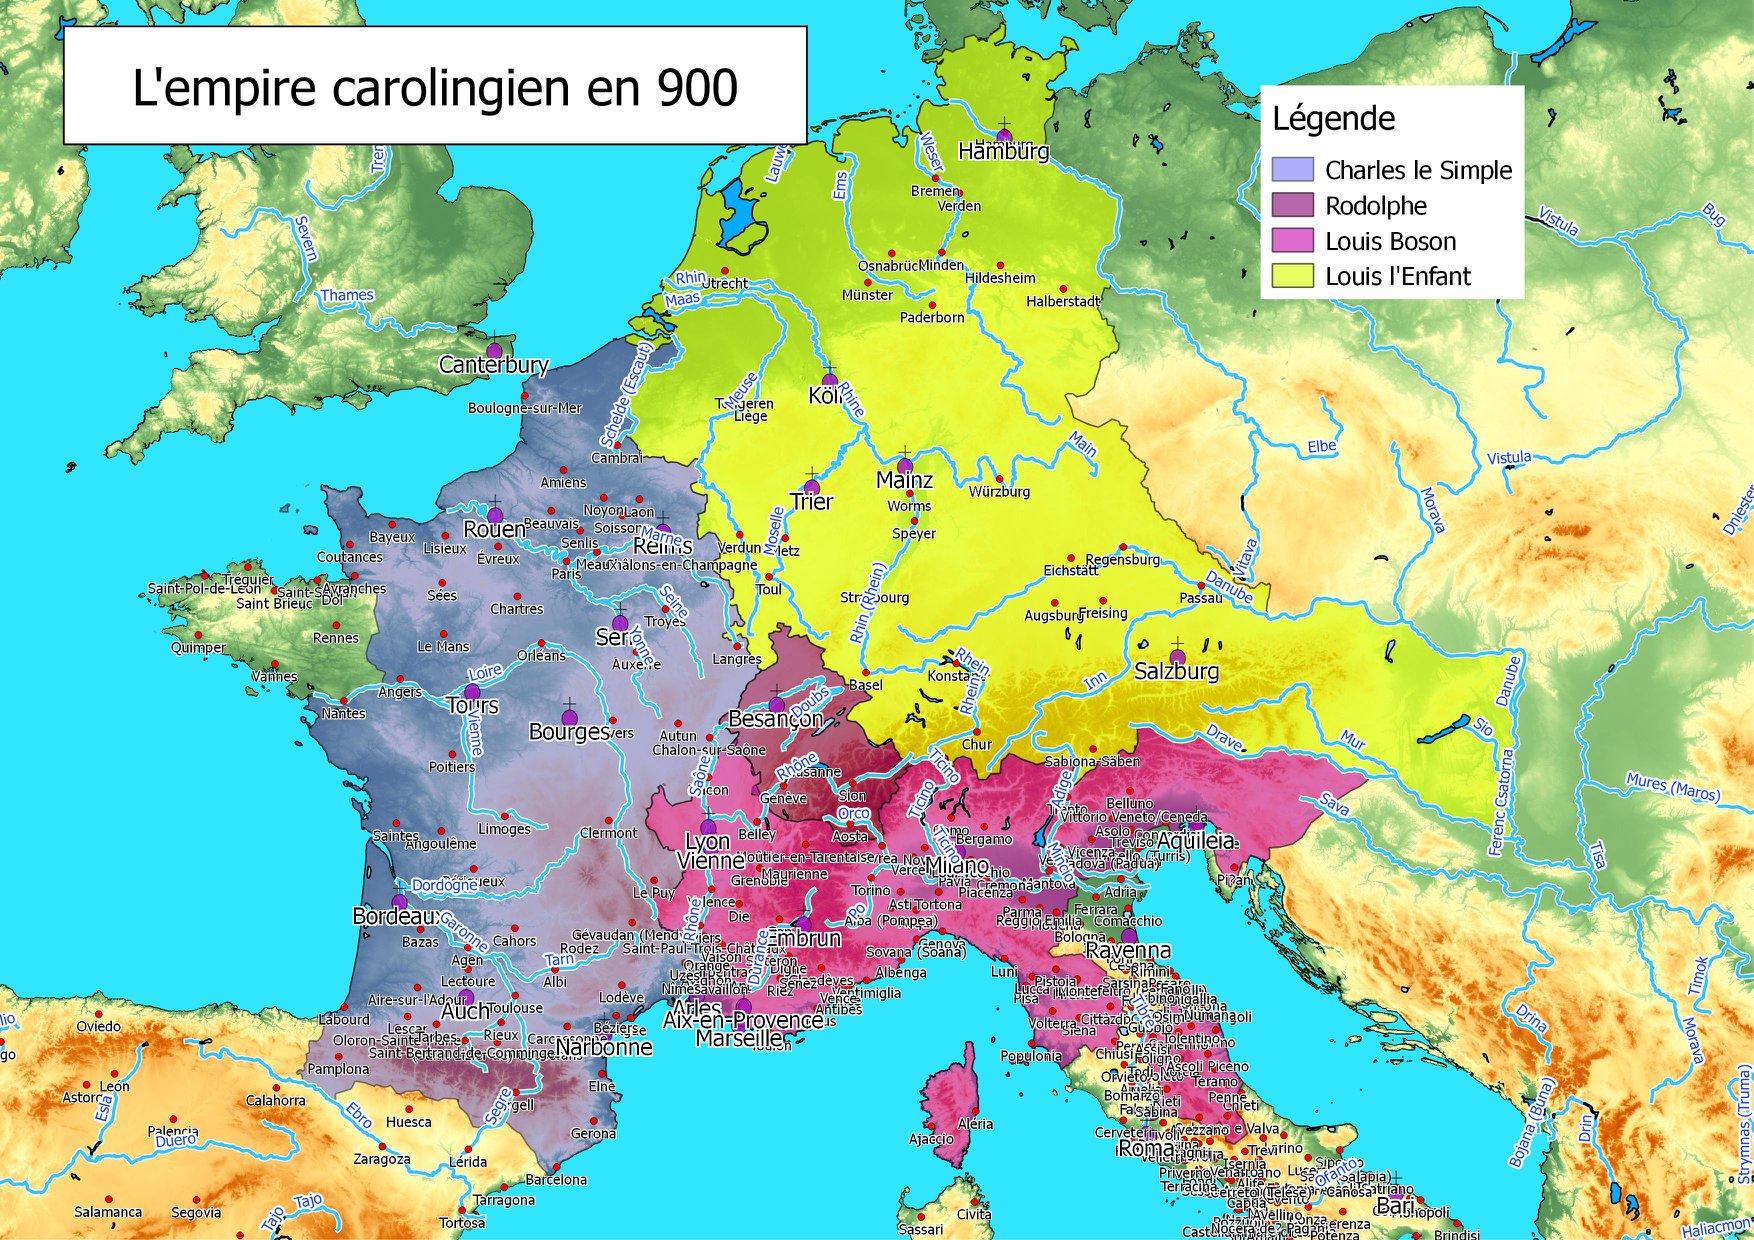 L'empire carolingien en 900